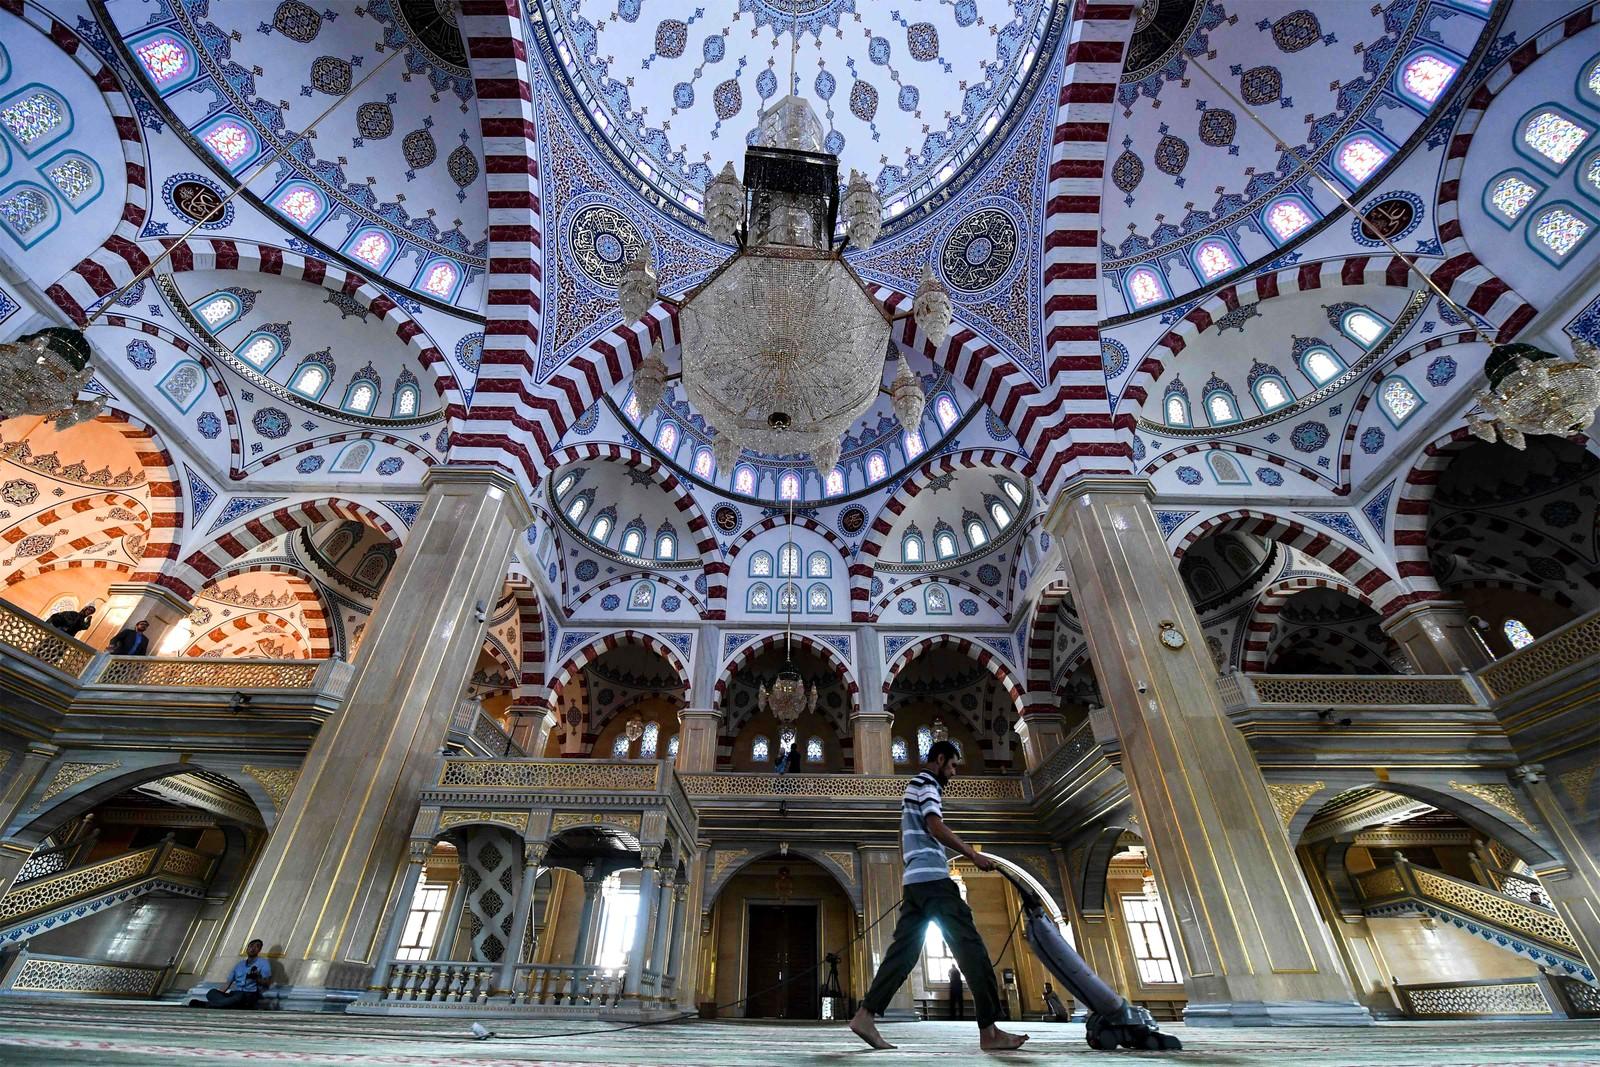 Støvsuging i moskeen i Groznyj i Tsjetsjenia. Moskeen er Europas største og har plass til over 10.000 mennesker.